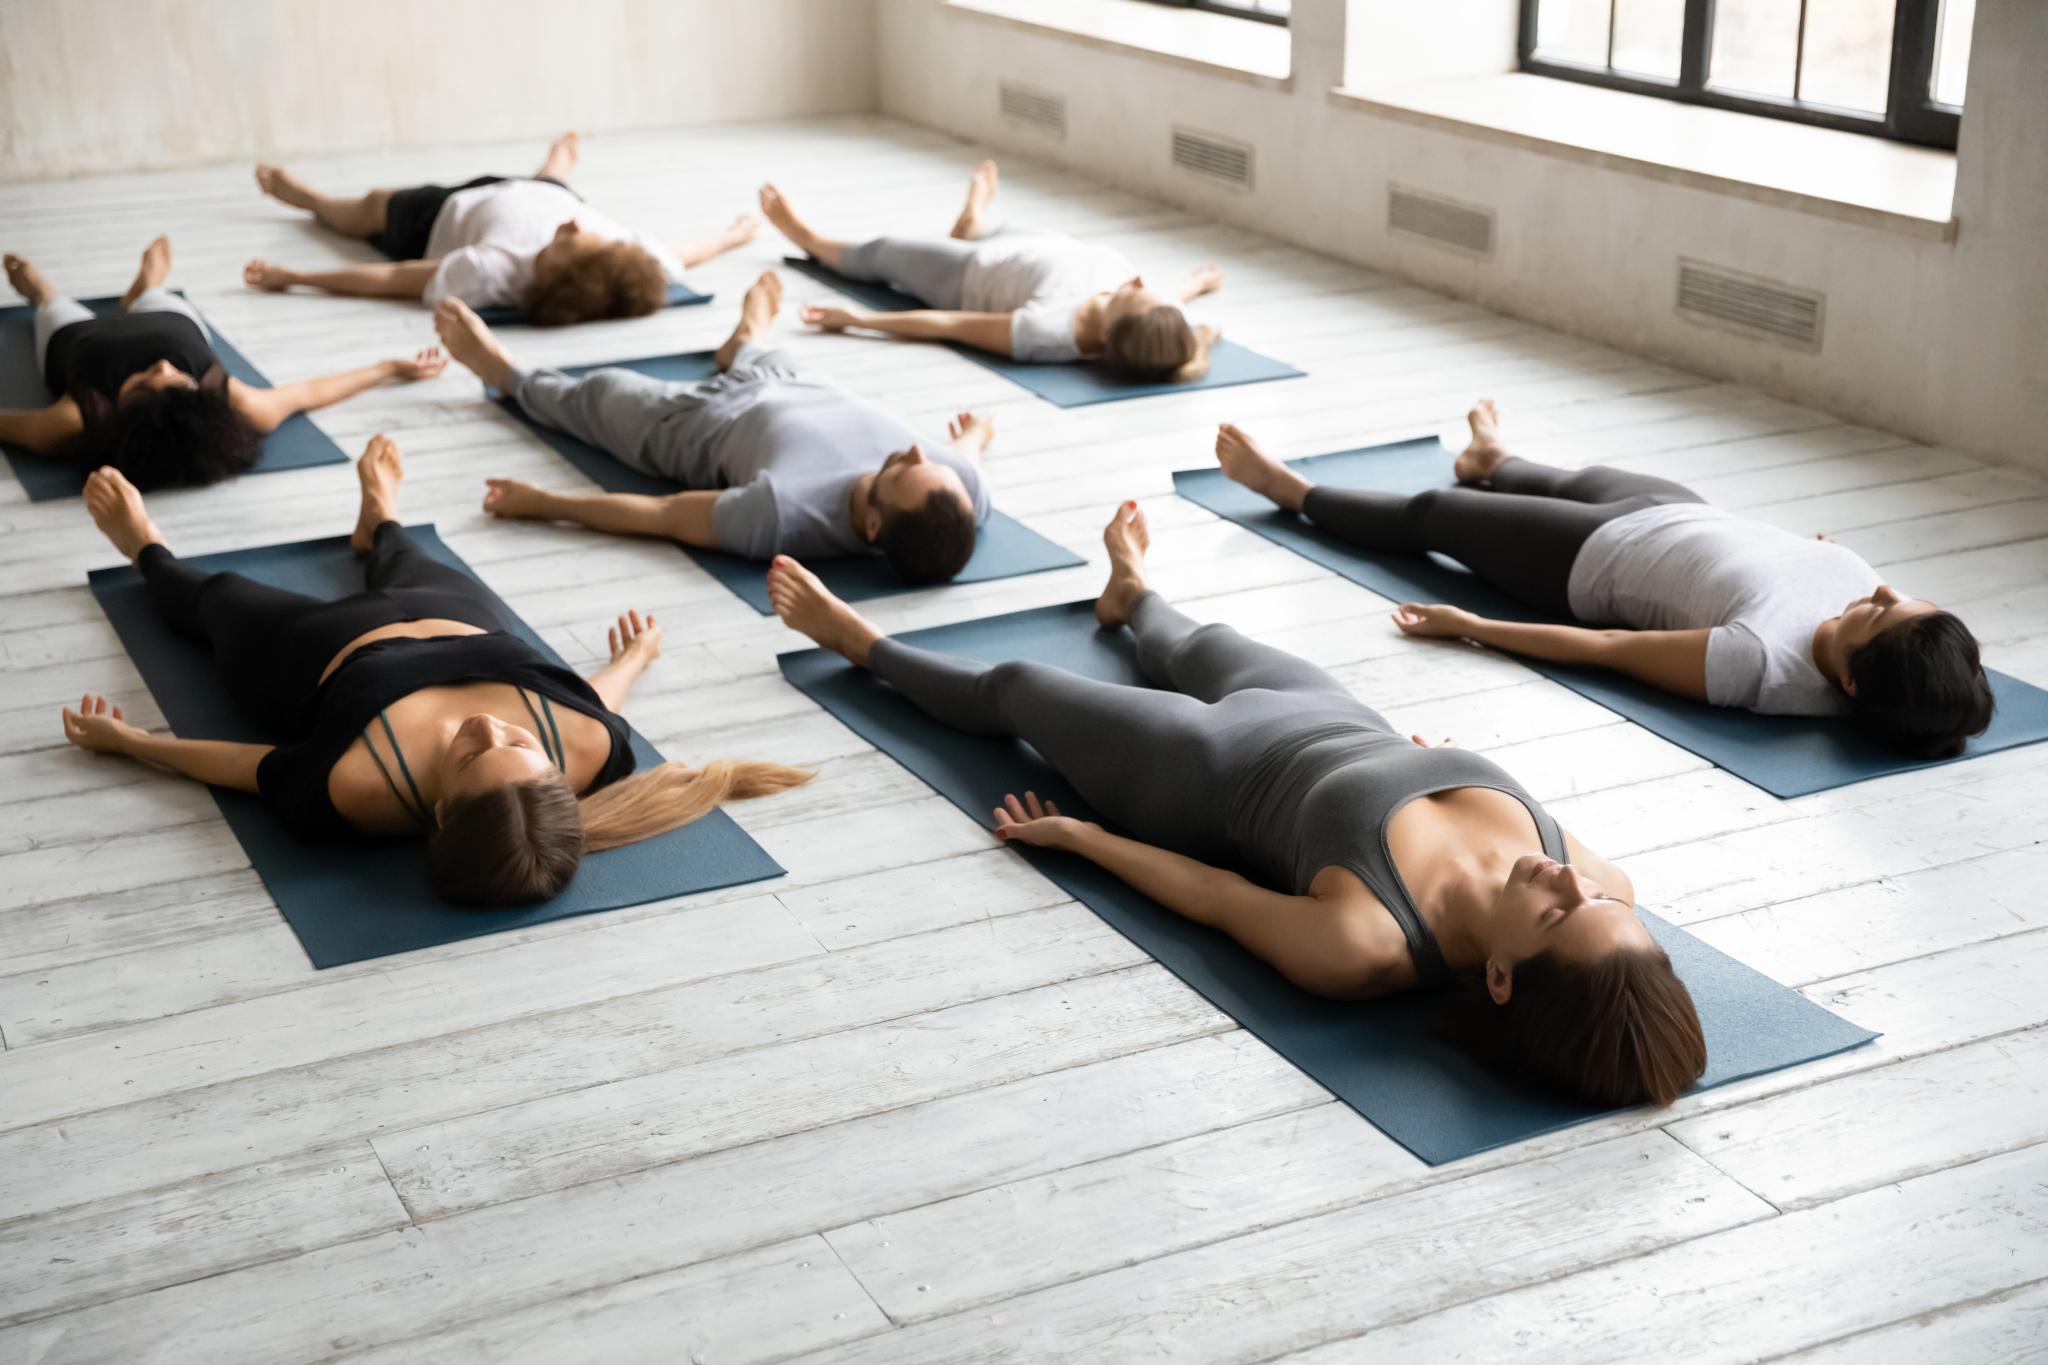 Ruhen beim Yoga mit Yogamatte